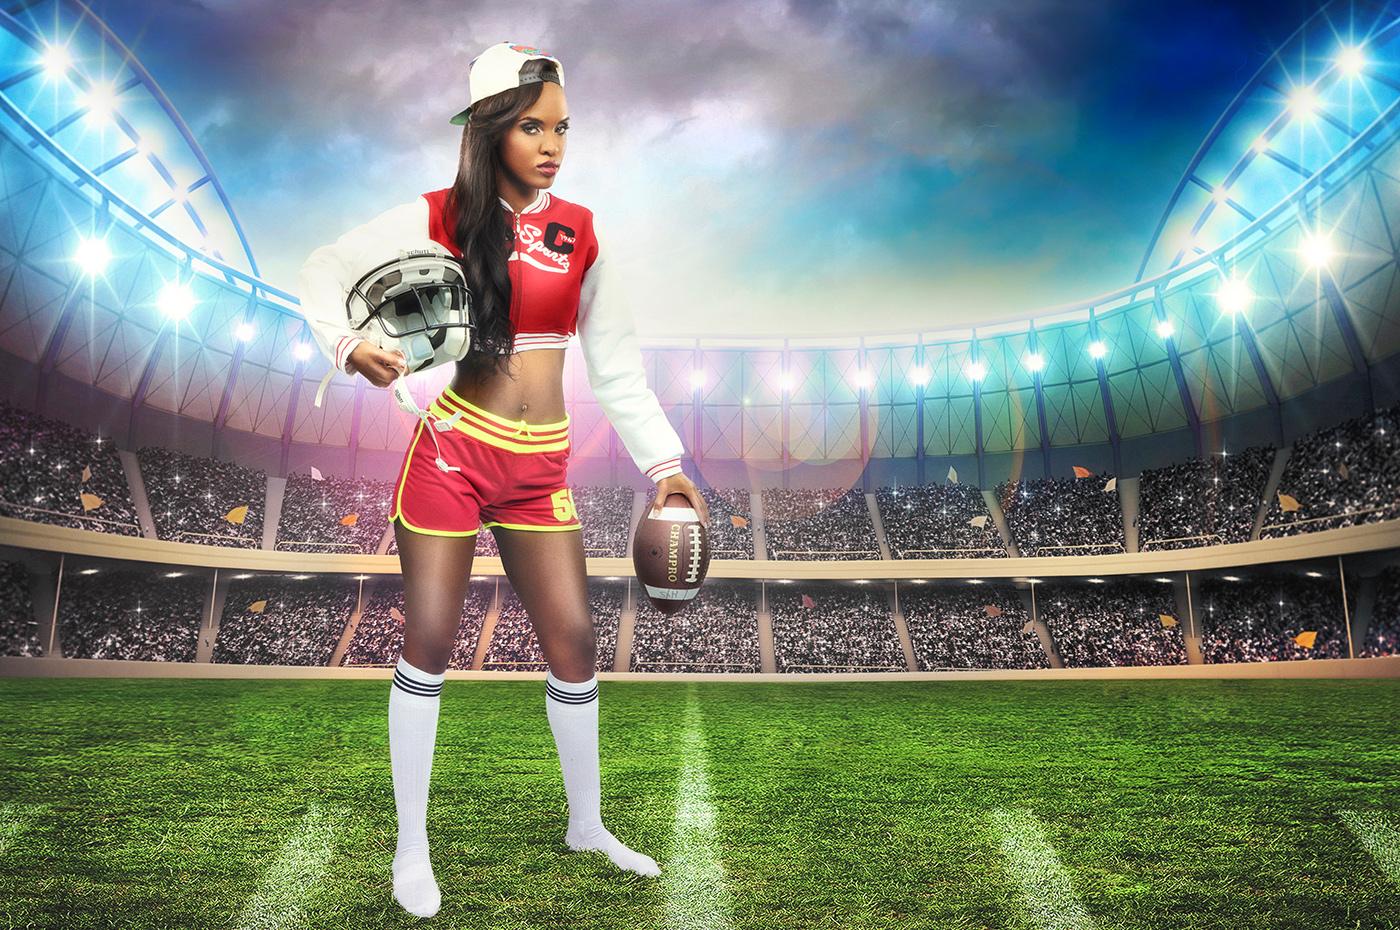 football-v3_sRGB